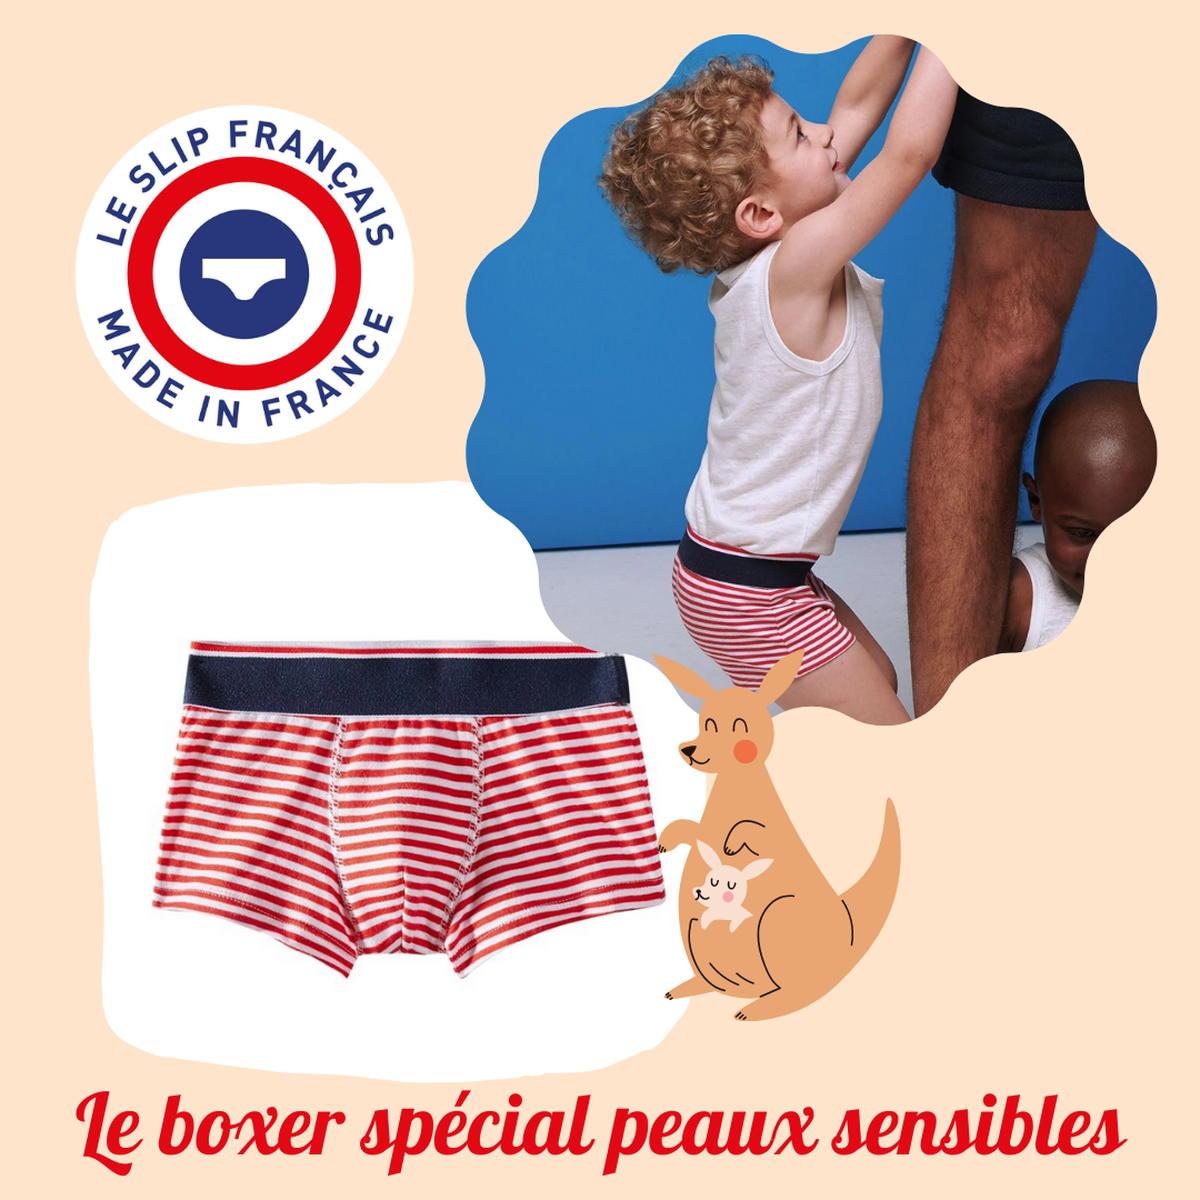 SloWeAre - 6 idées pour habiller les enfants - éco-responsble - boxer - garçon - coton - Made in France.